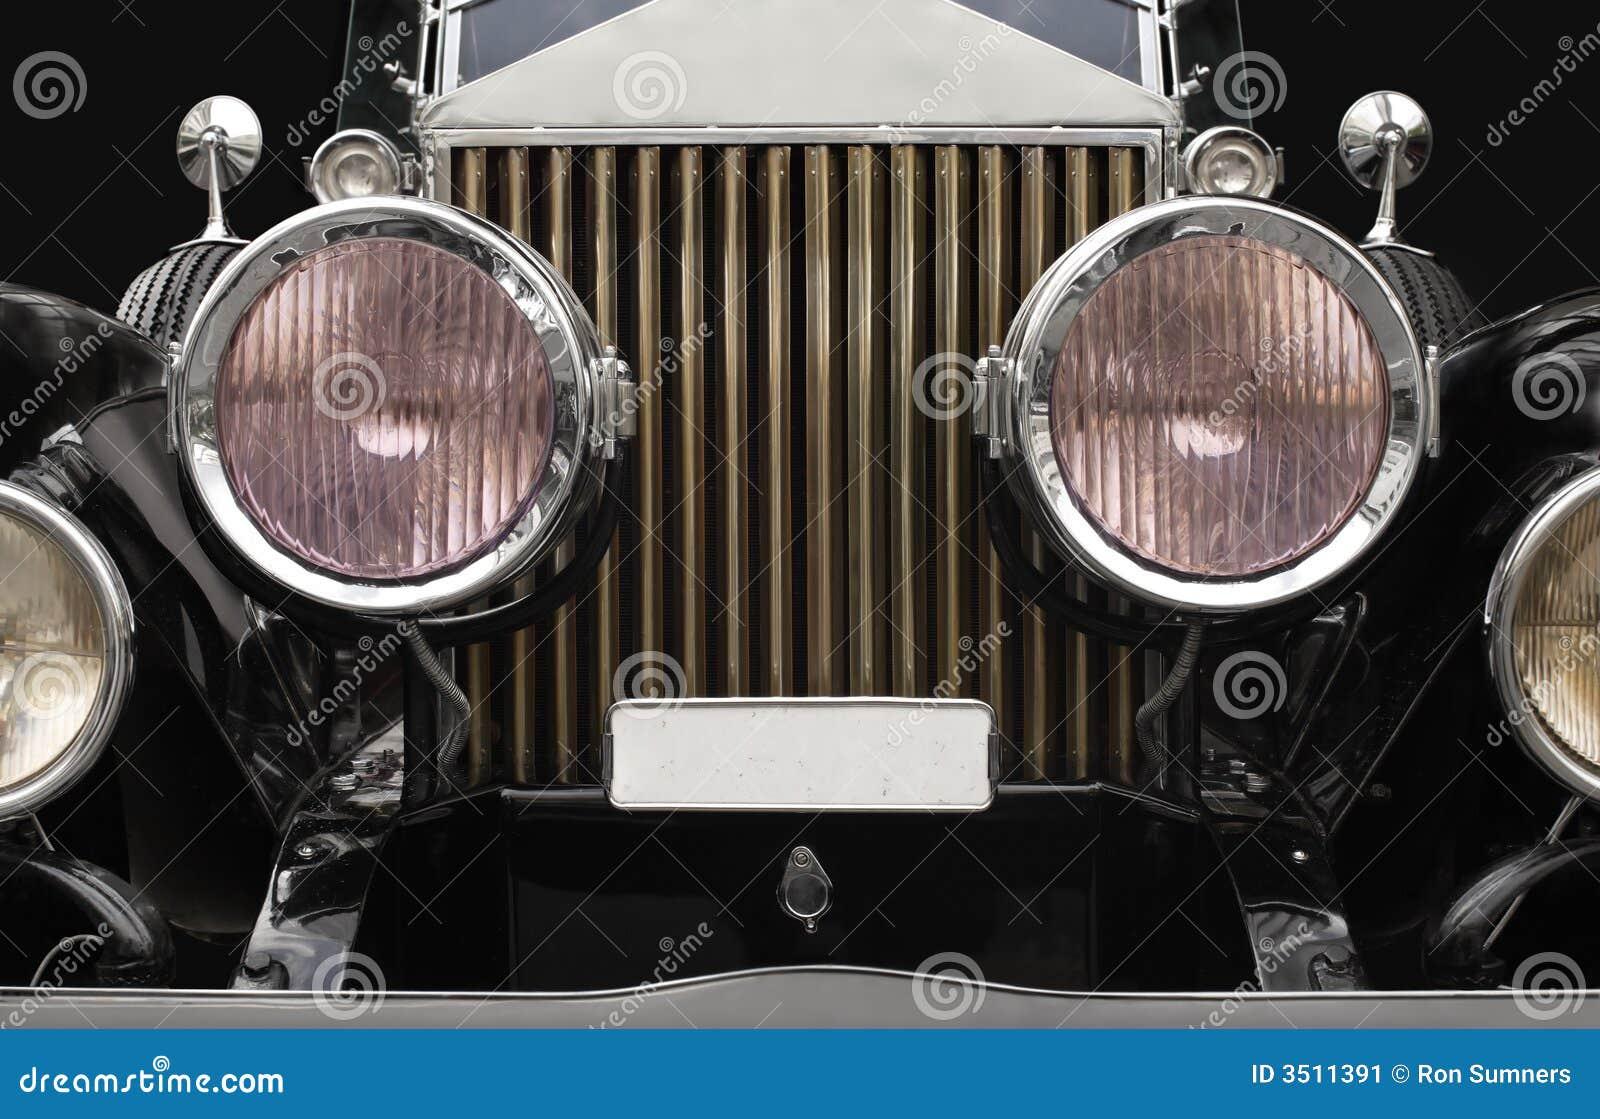 Antique Automobile Headlamps : Antique car headlamps stock image